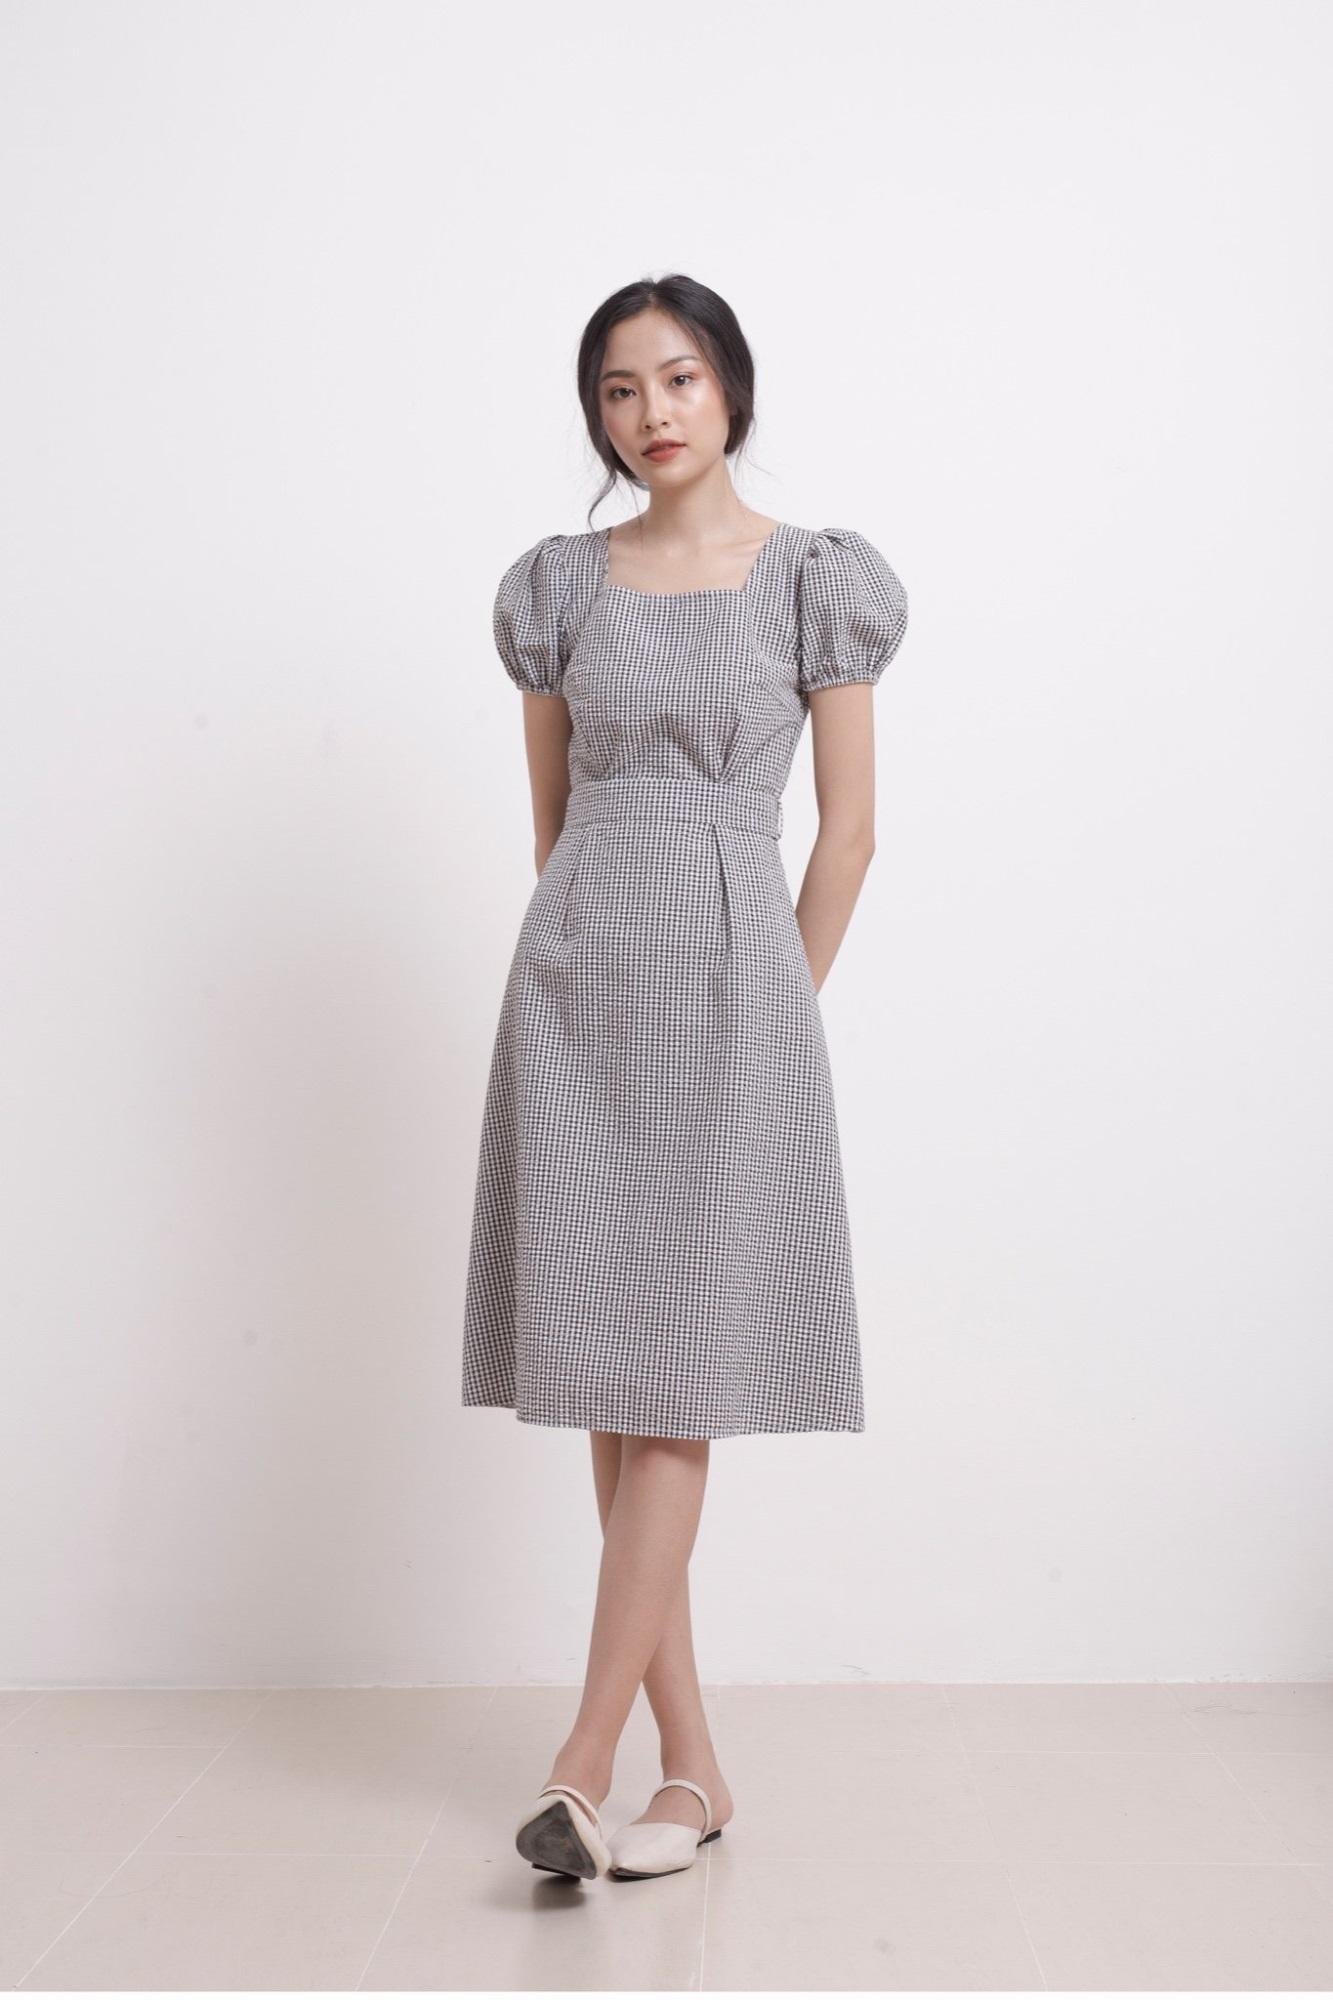 Váy nâng eo vừa nữ tính lại vừa che đi khuyết điểm vòng hông to